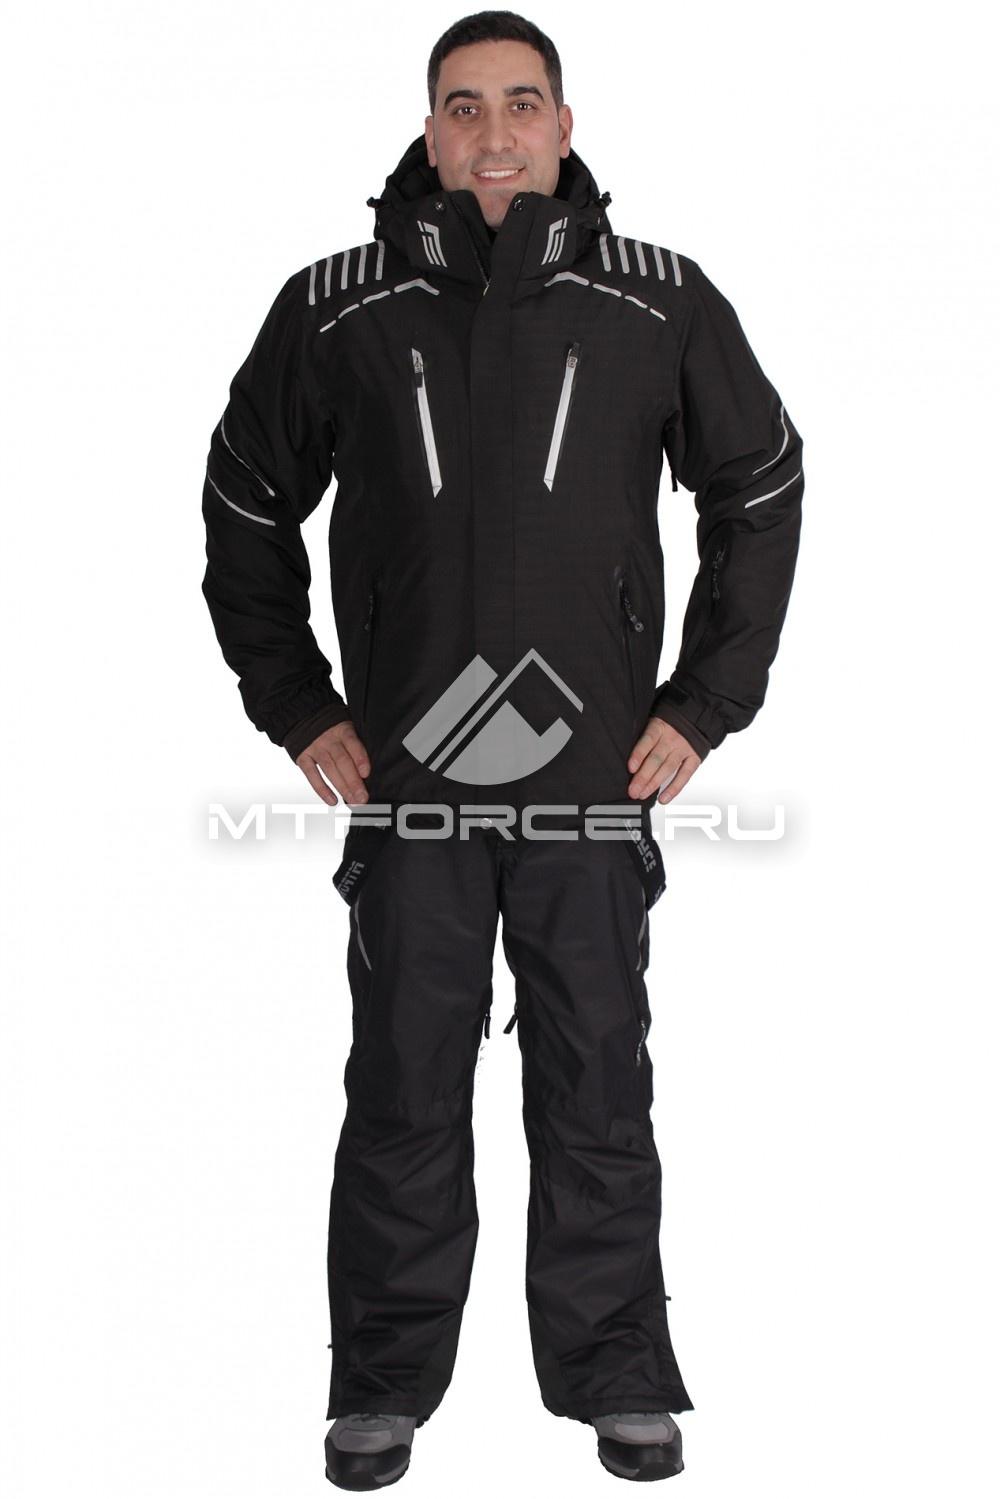 Купить                                  оптом Костюм горнолыжный мужской черного цвета 01653Ch в Санкт-Петербурге